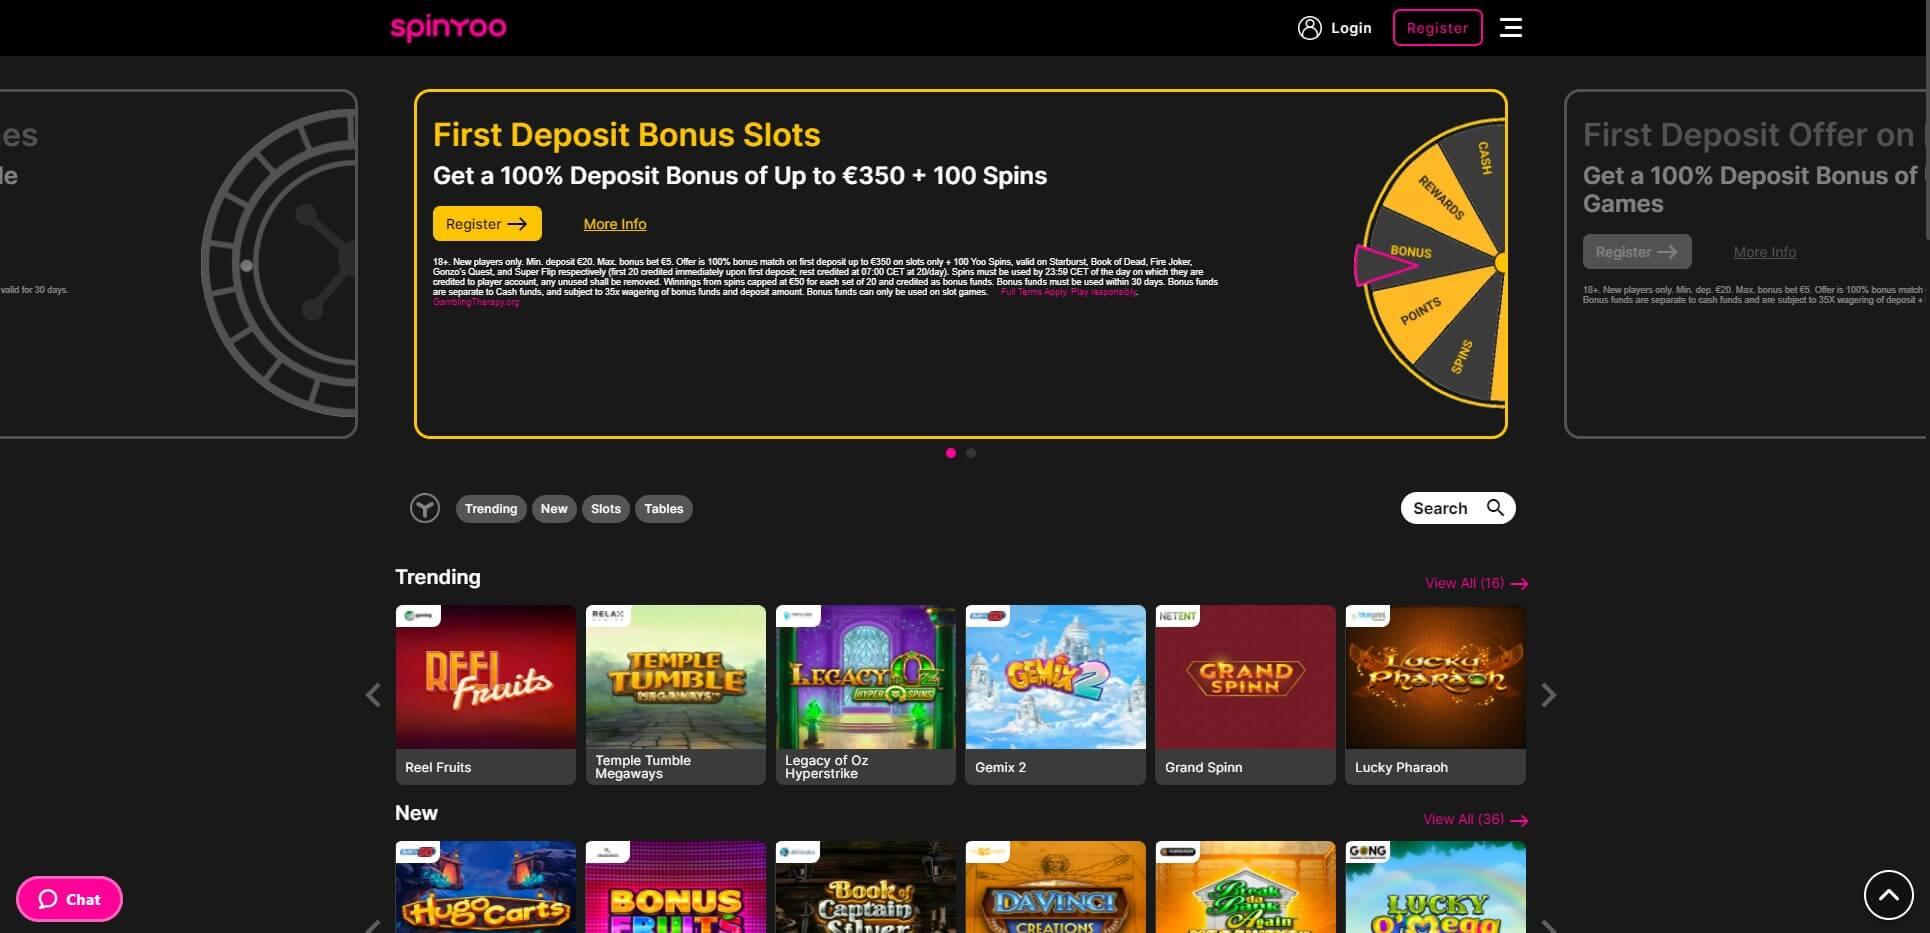 spinyoo.com – Website Review